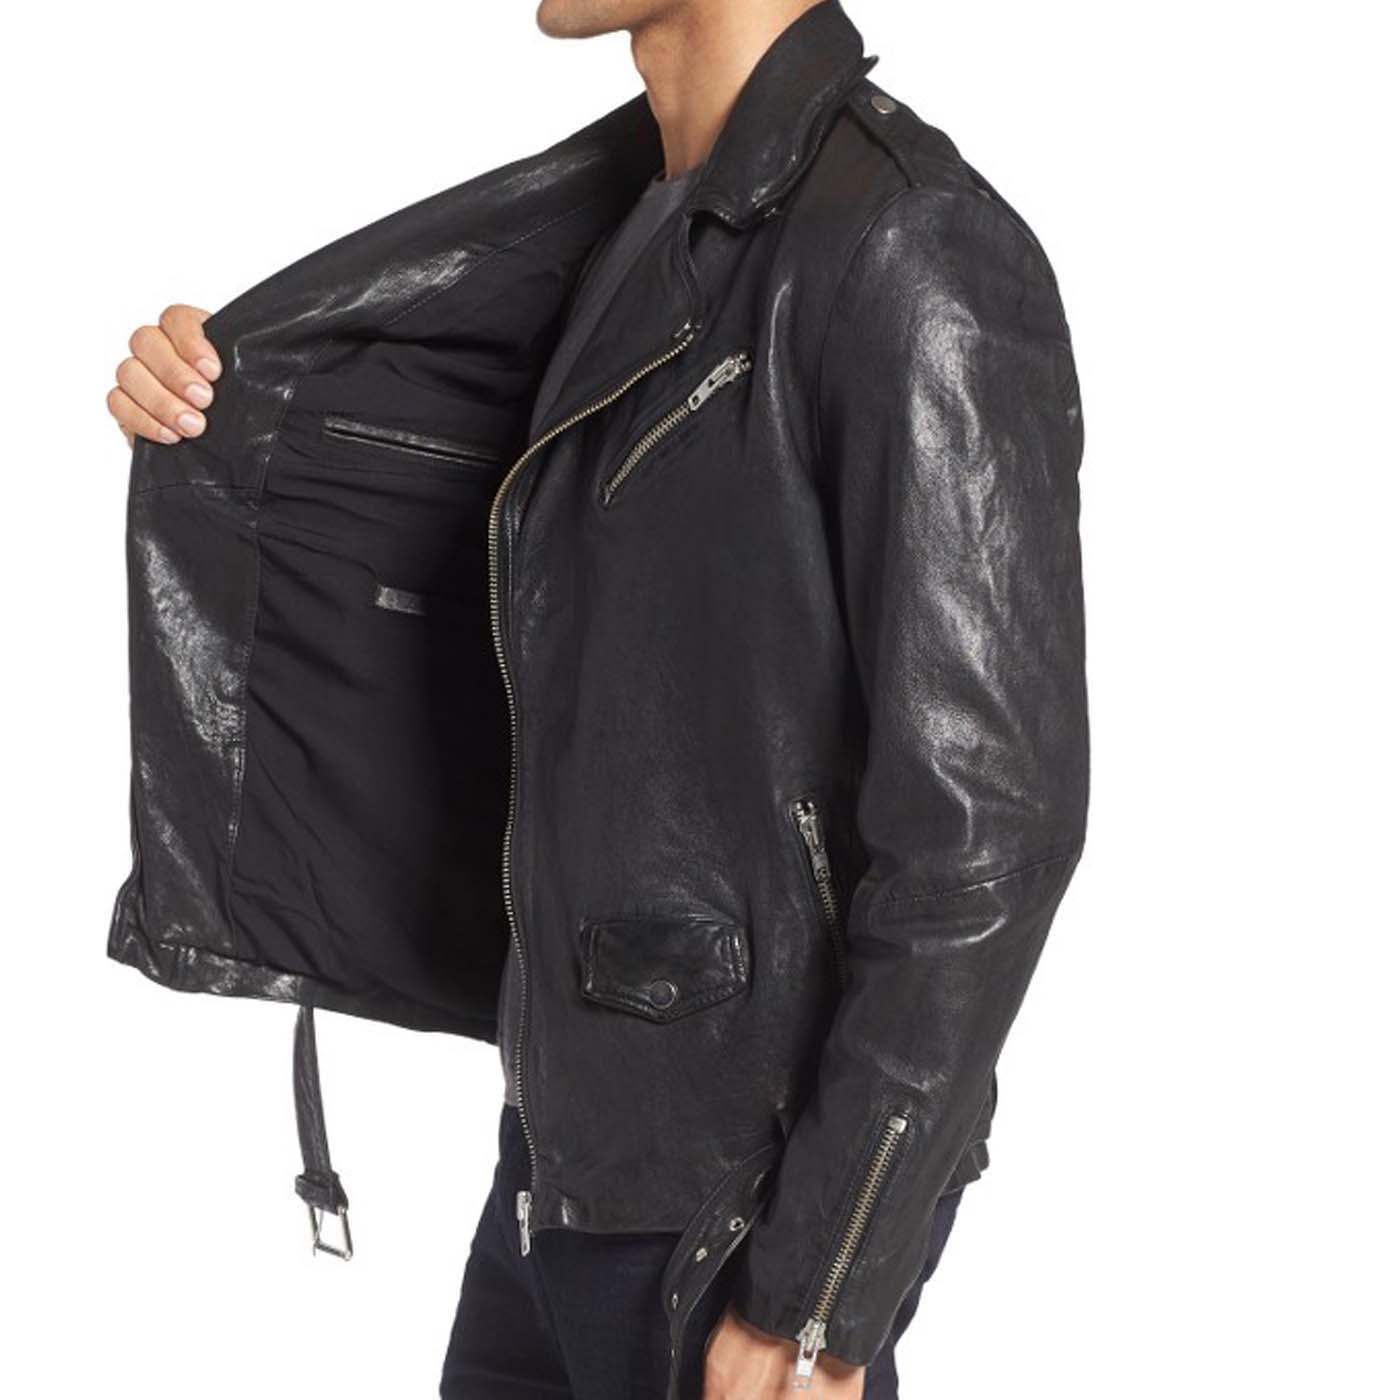 Leather Biker Jacket For Mens 2.